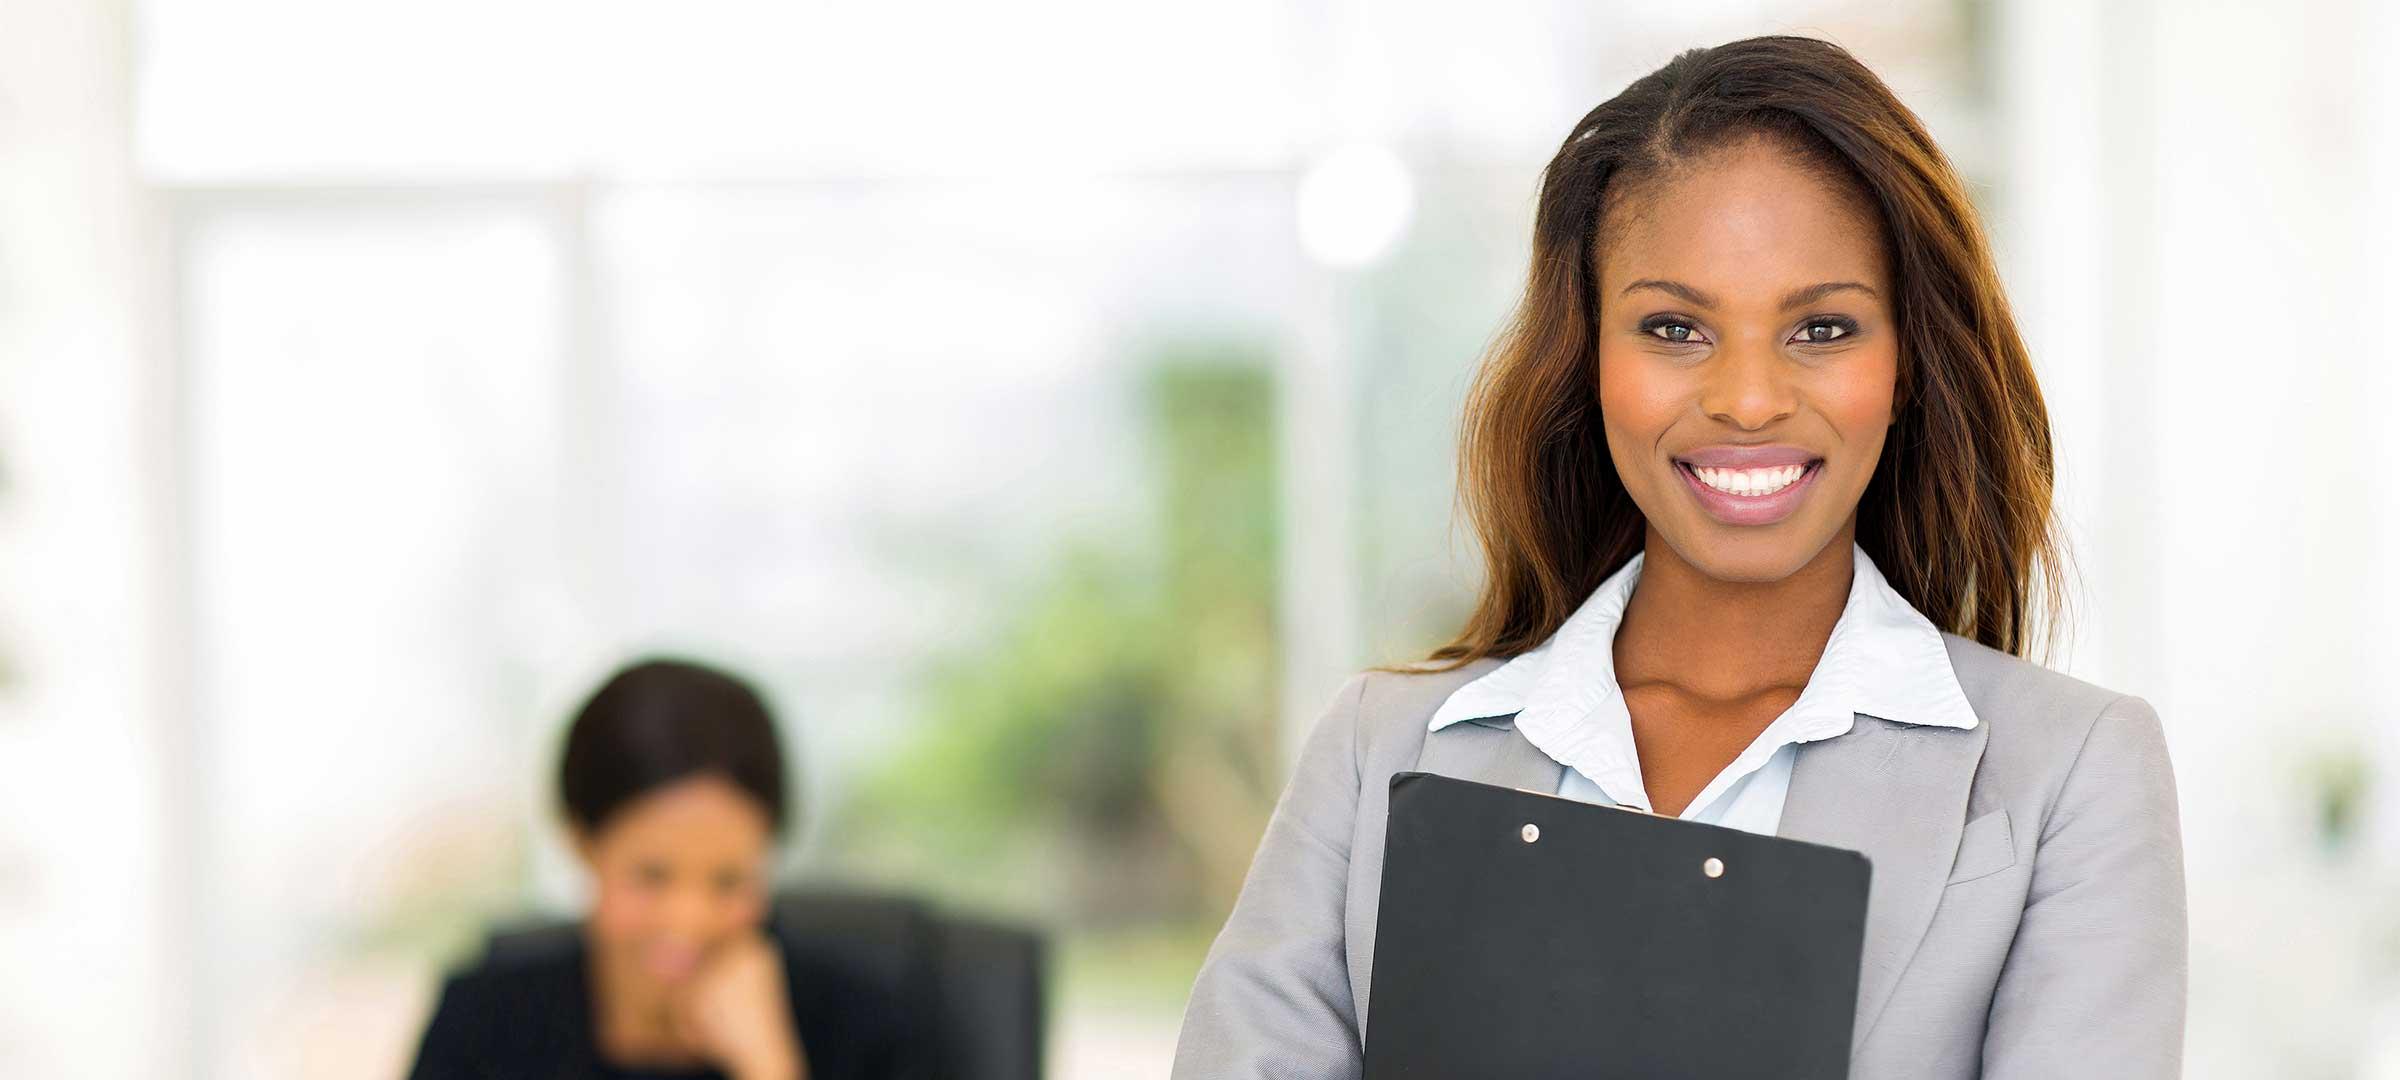 Titelbild: Businessfrau mit Mappe im Arm